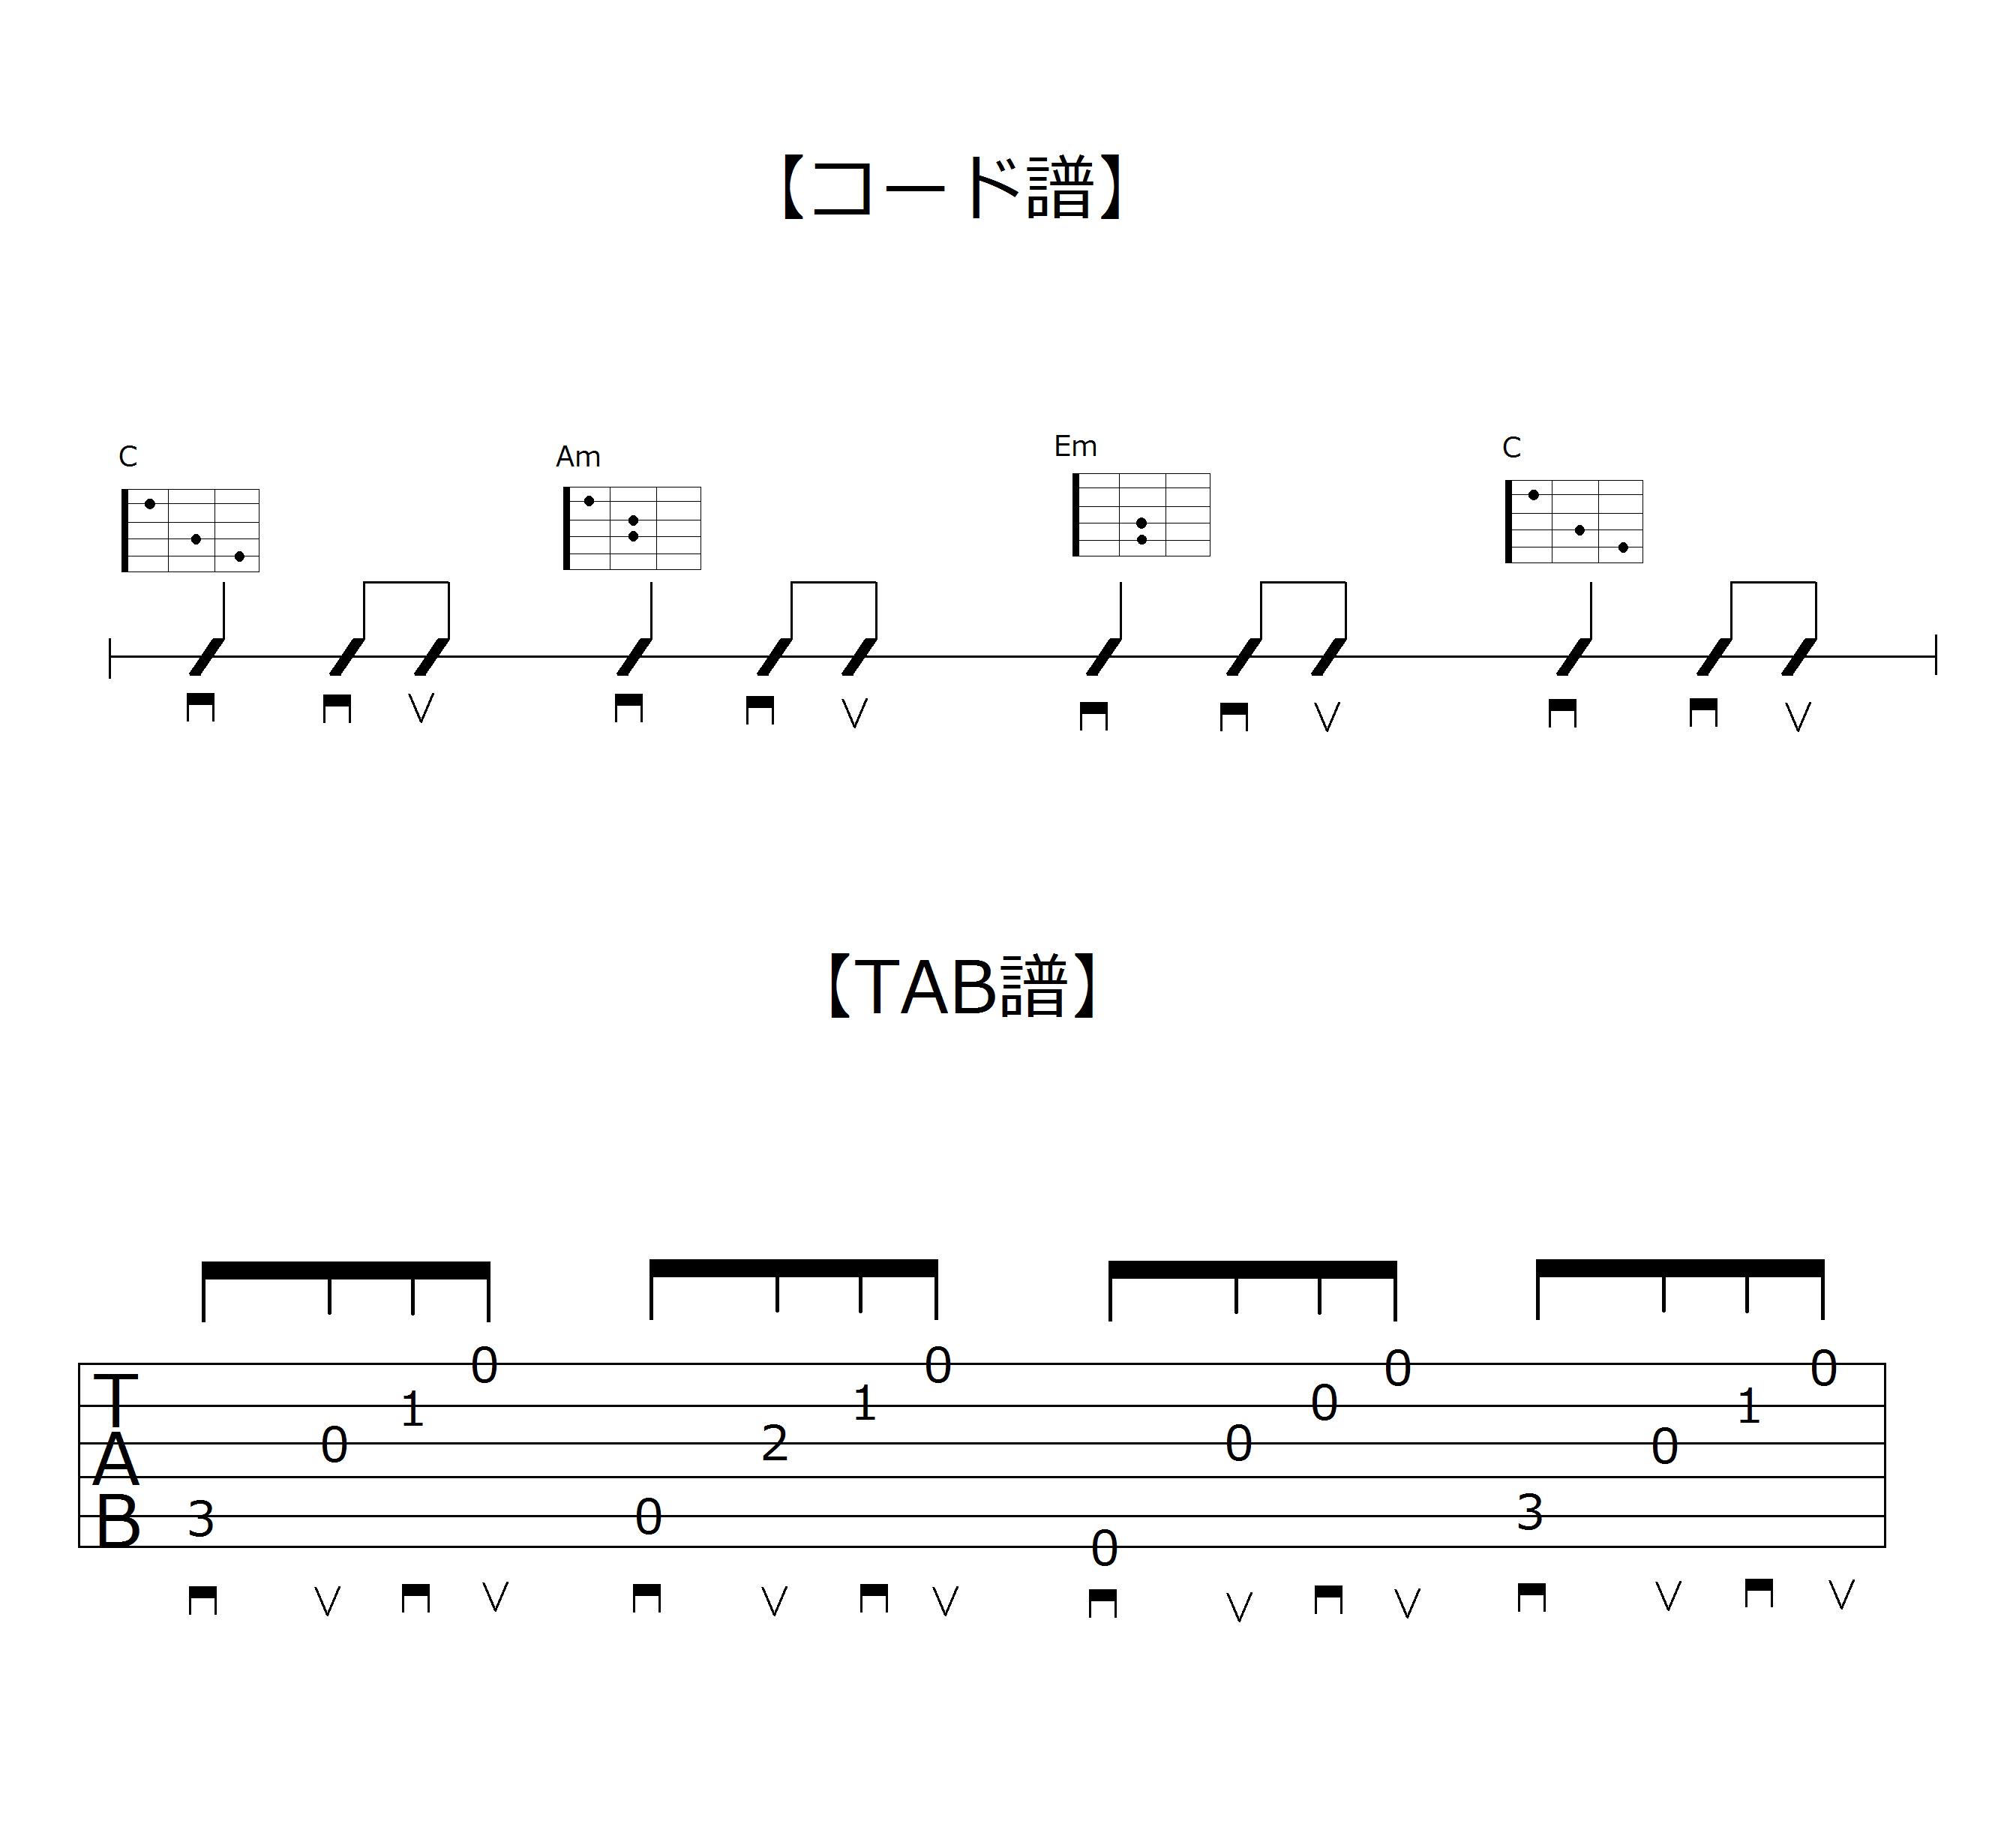 コード譜とTAB譜